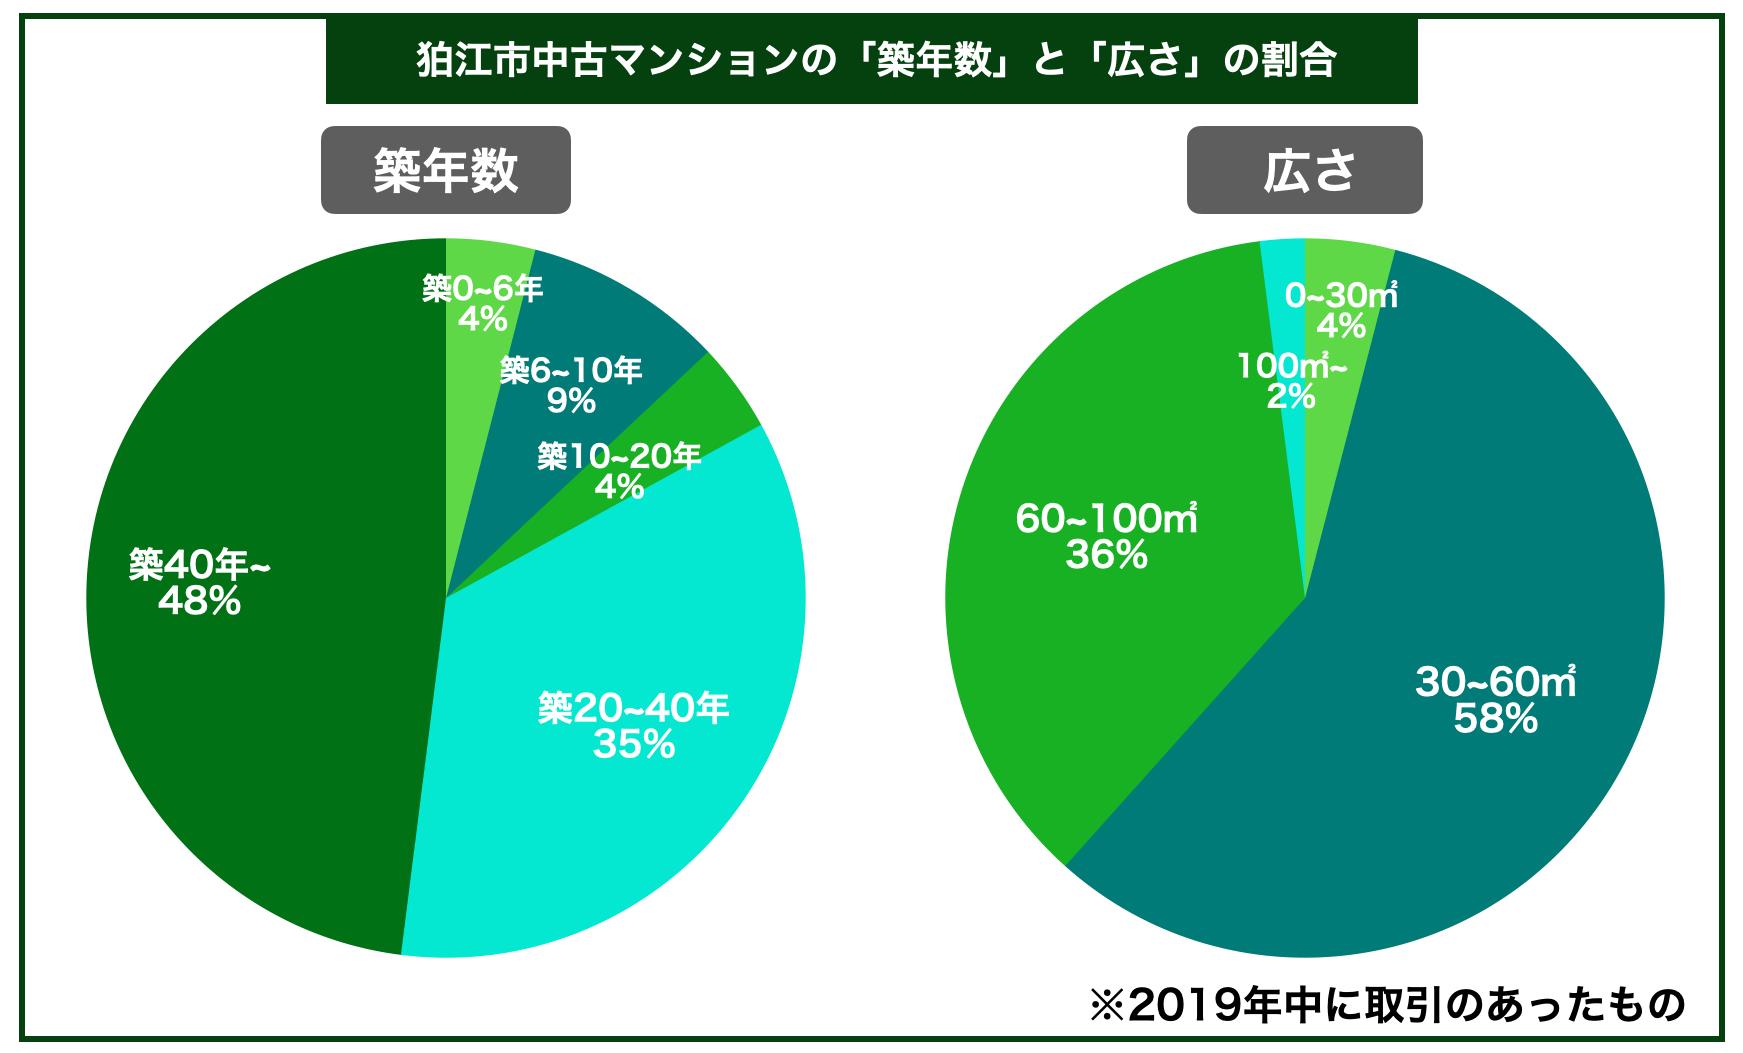 狛江市マンション築年数広さ割合